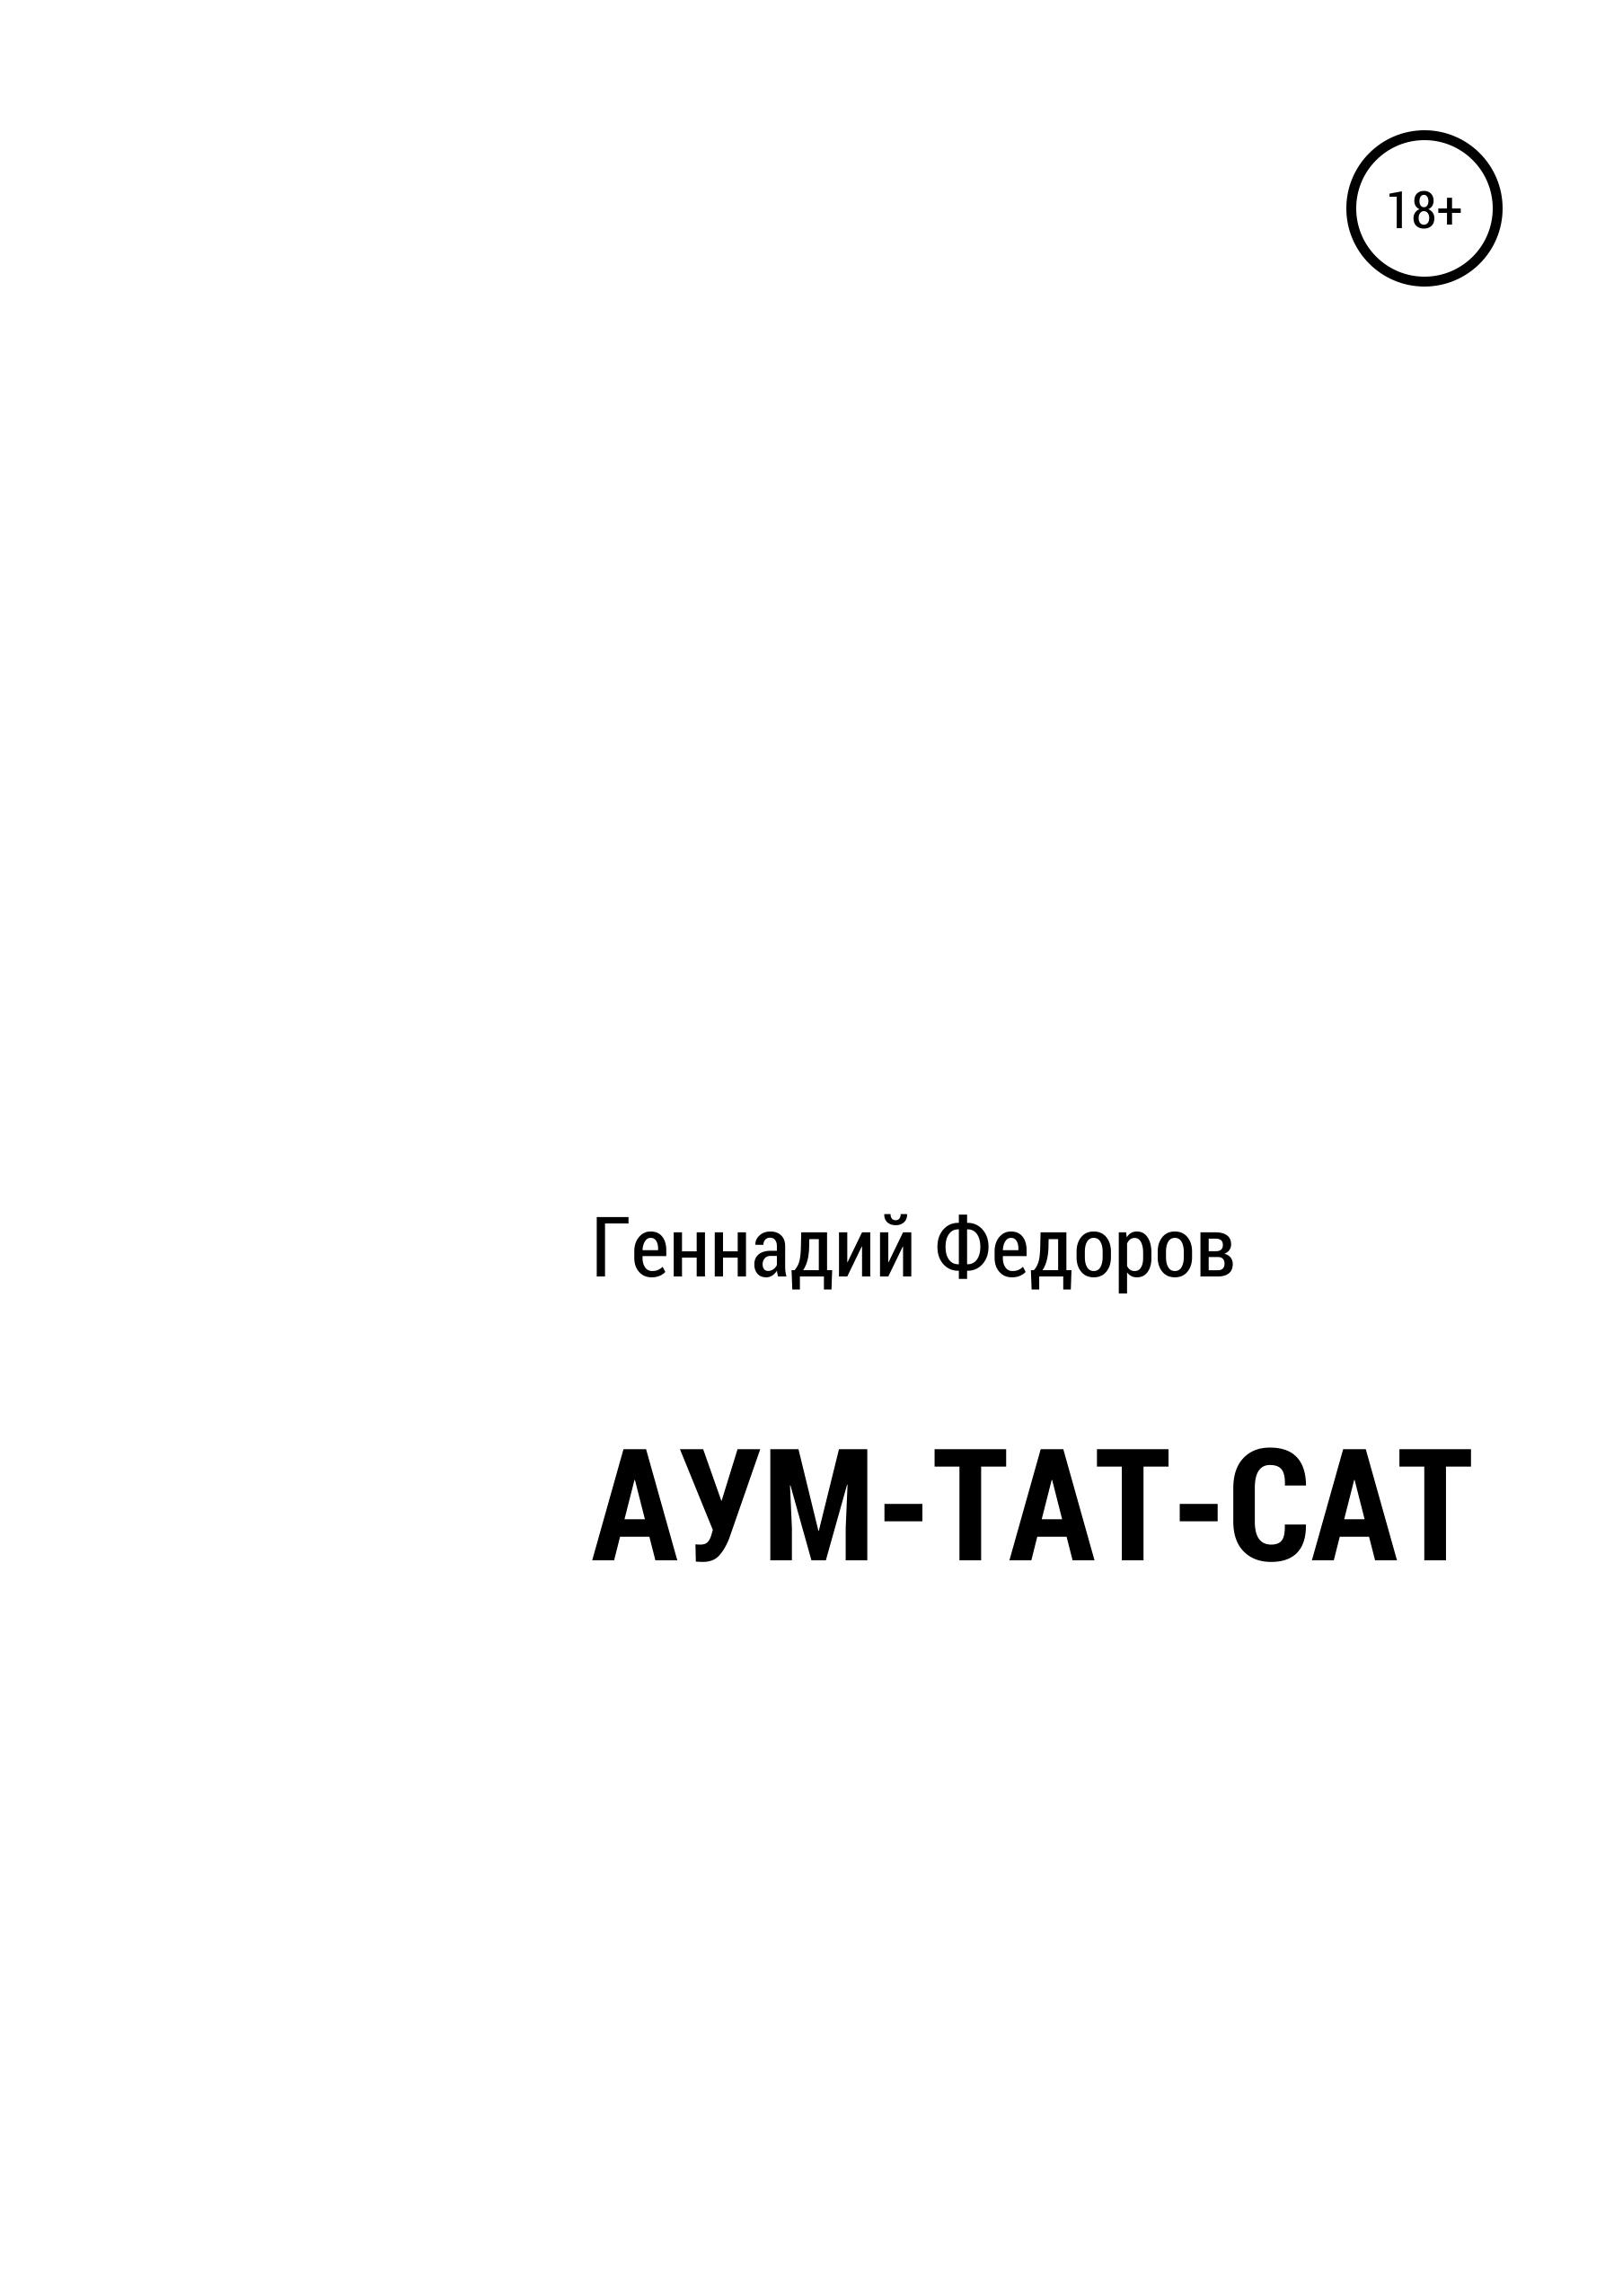 АУМ-ТАТ-САТ